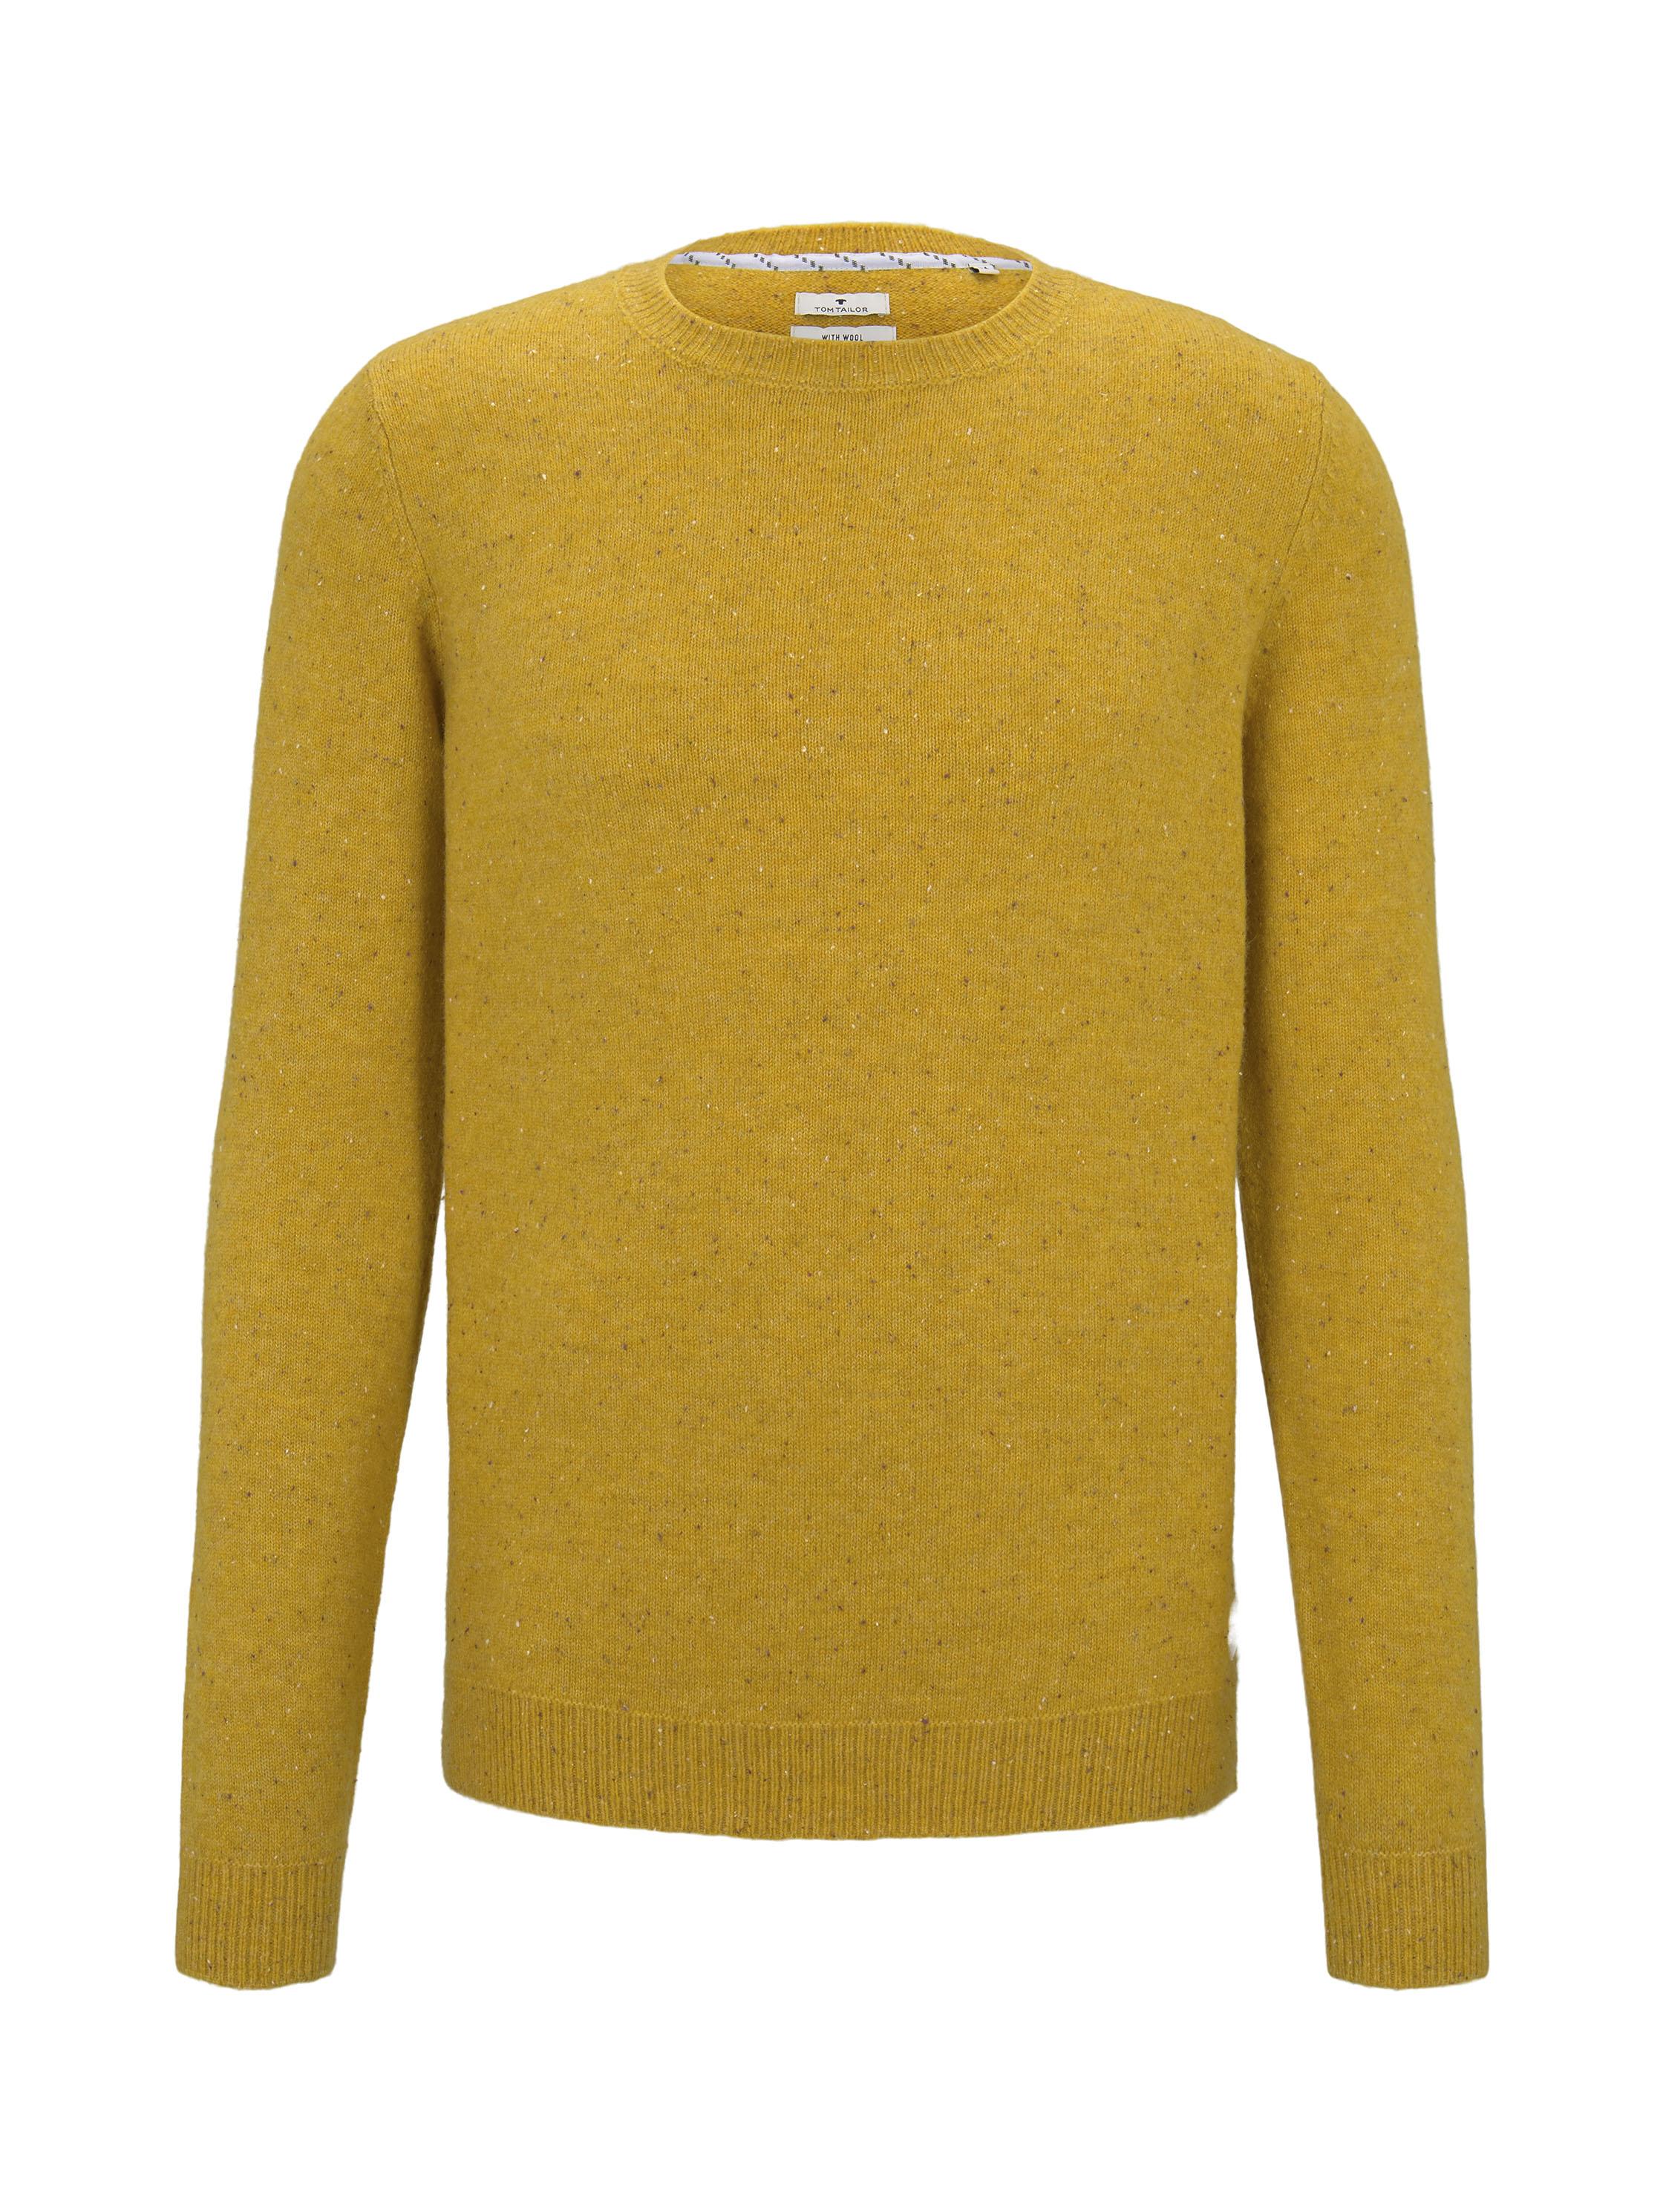 cosy nep sweater, yellow nep yarn               Yello